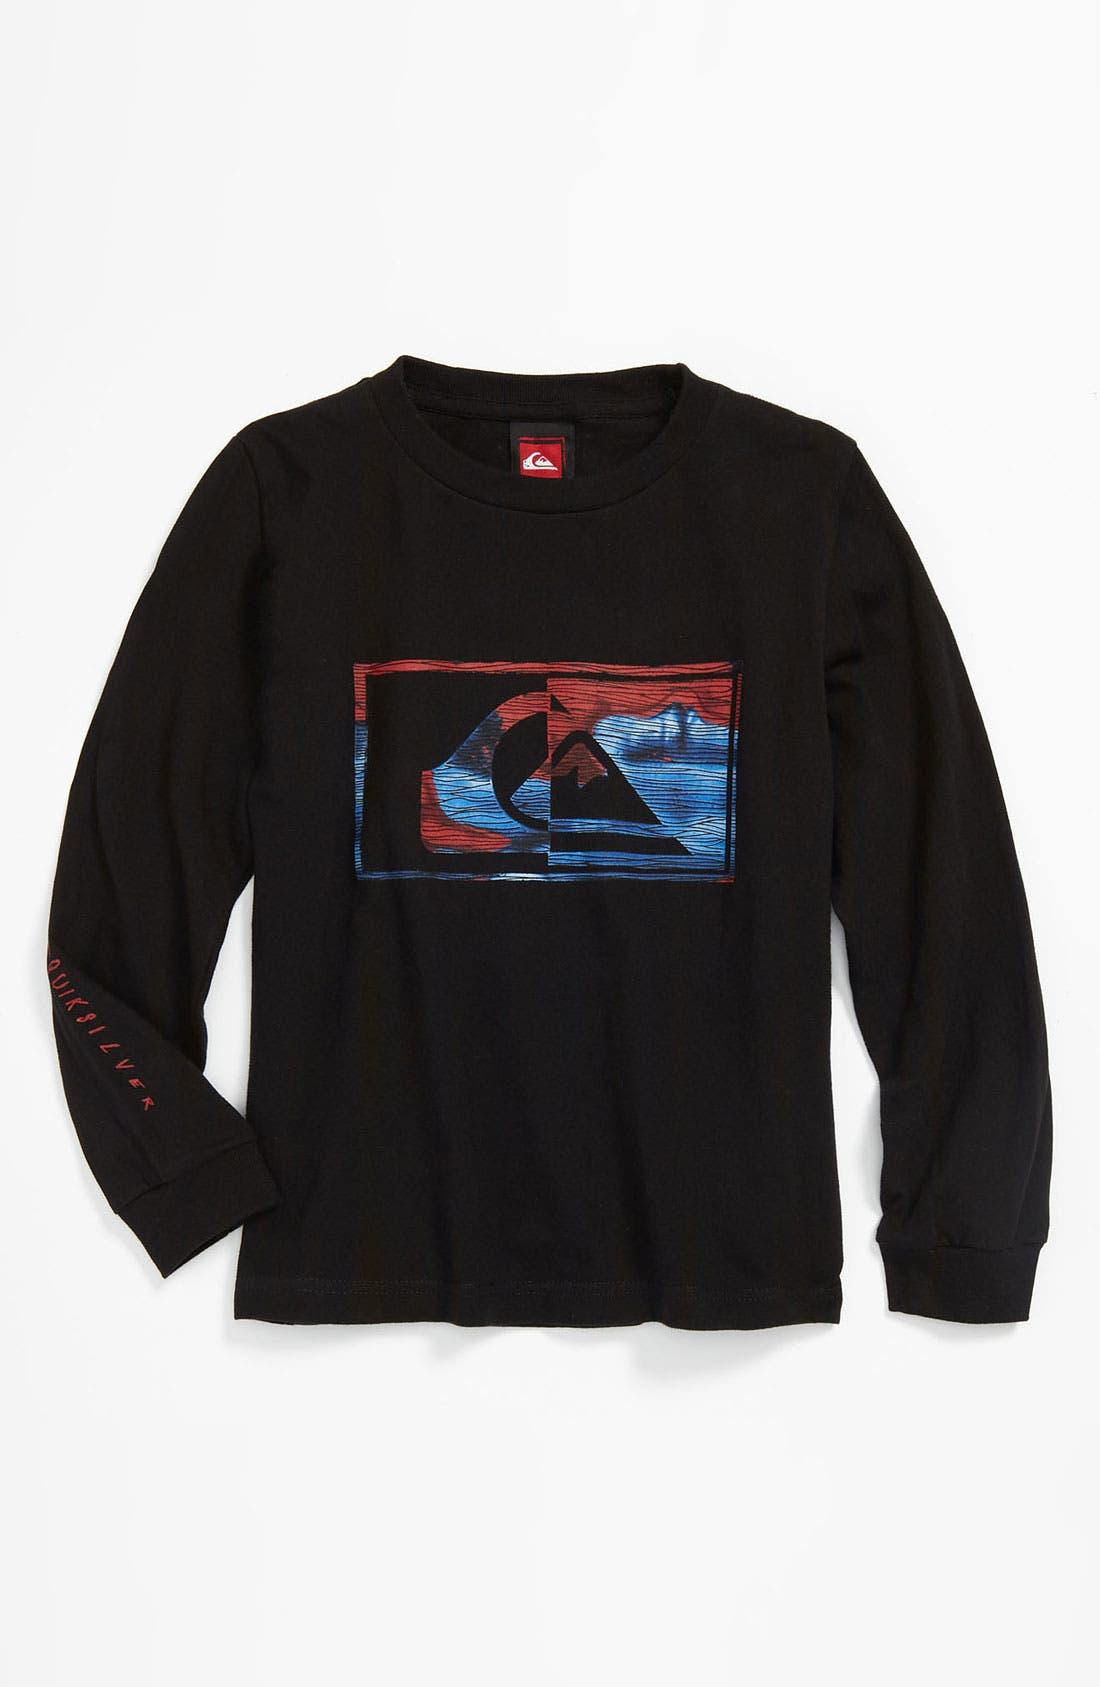 Alternate Image 1 Selected - Quiksilver 'Speak Easy' T-Shirt (Little Boys)